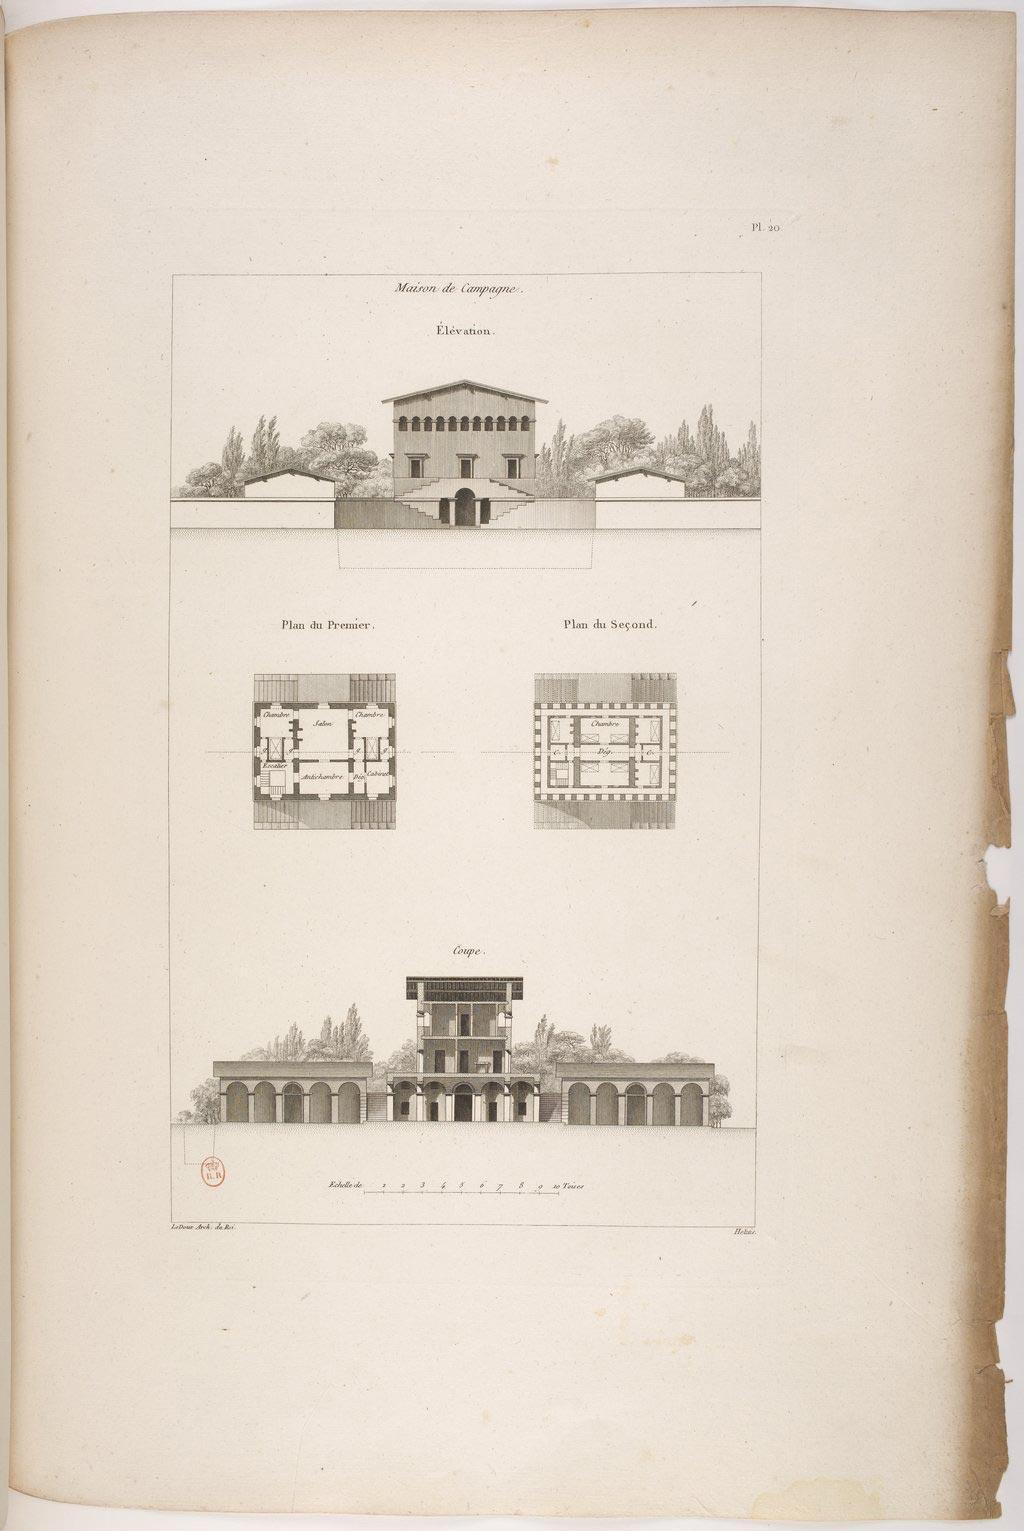 ledoux-claude-architecture-291